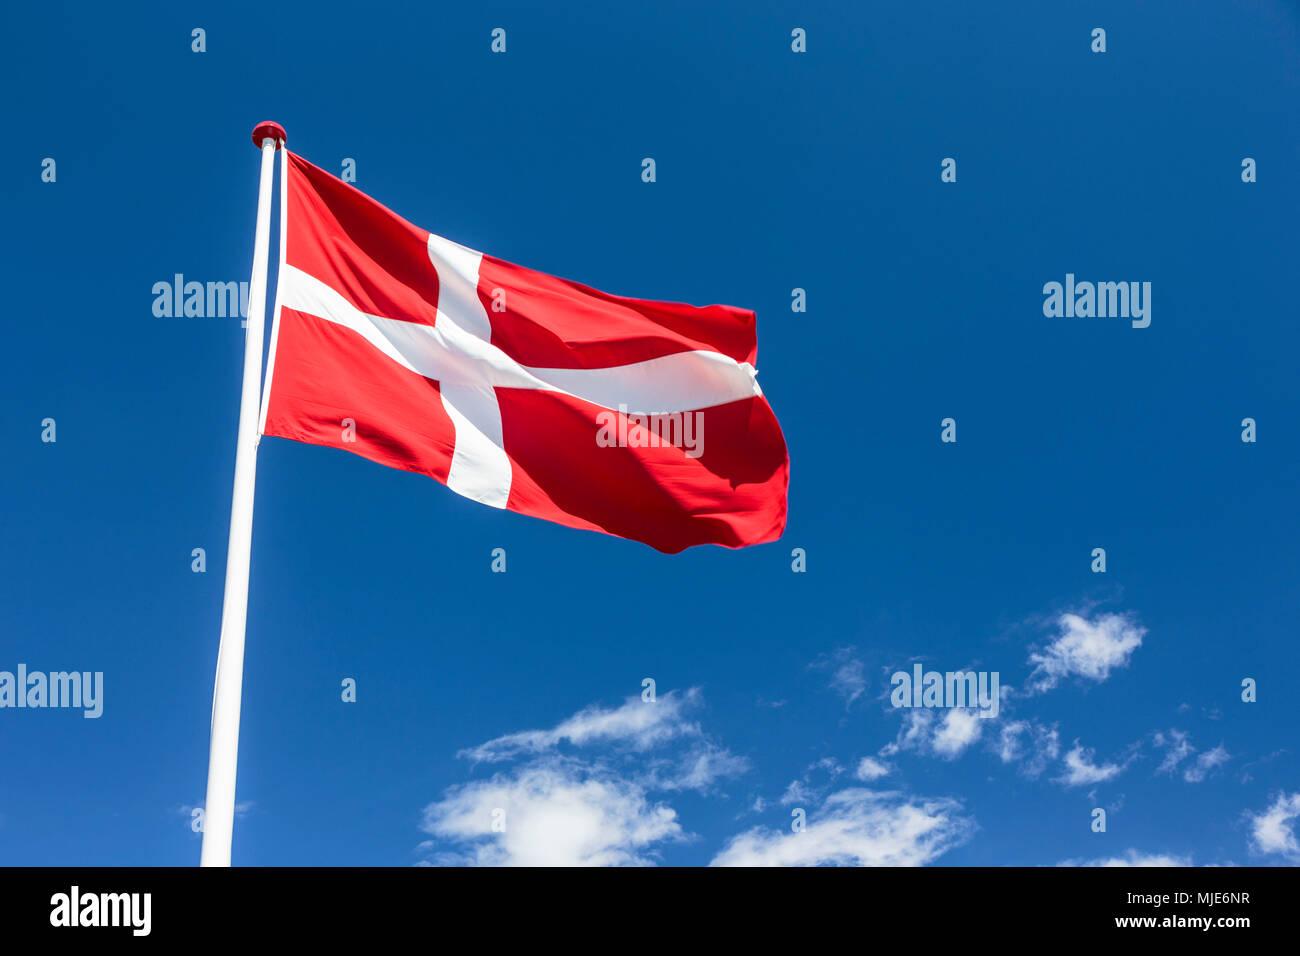 The Danish national flag, the 'Dannebrog' in Bølshavn, Europe, Denmark, Bornholm, Bølsbakke, - Stock Image